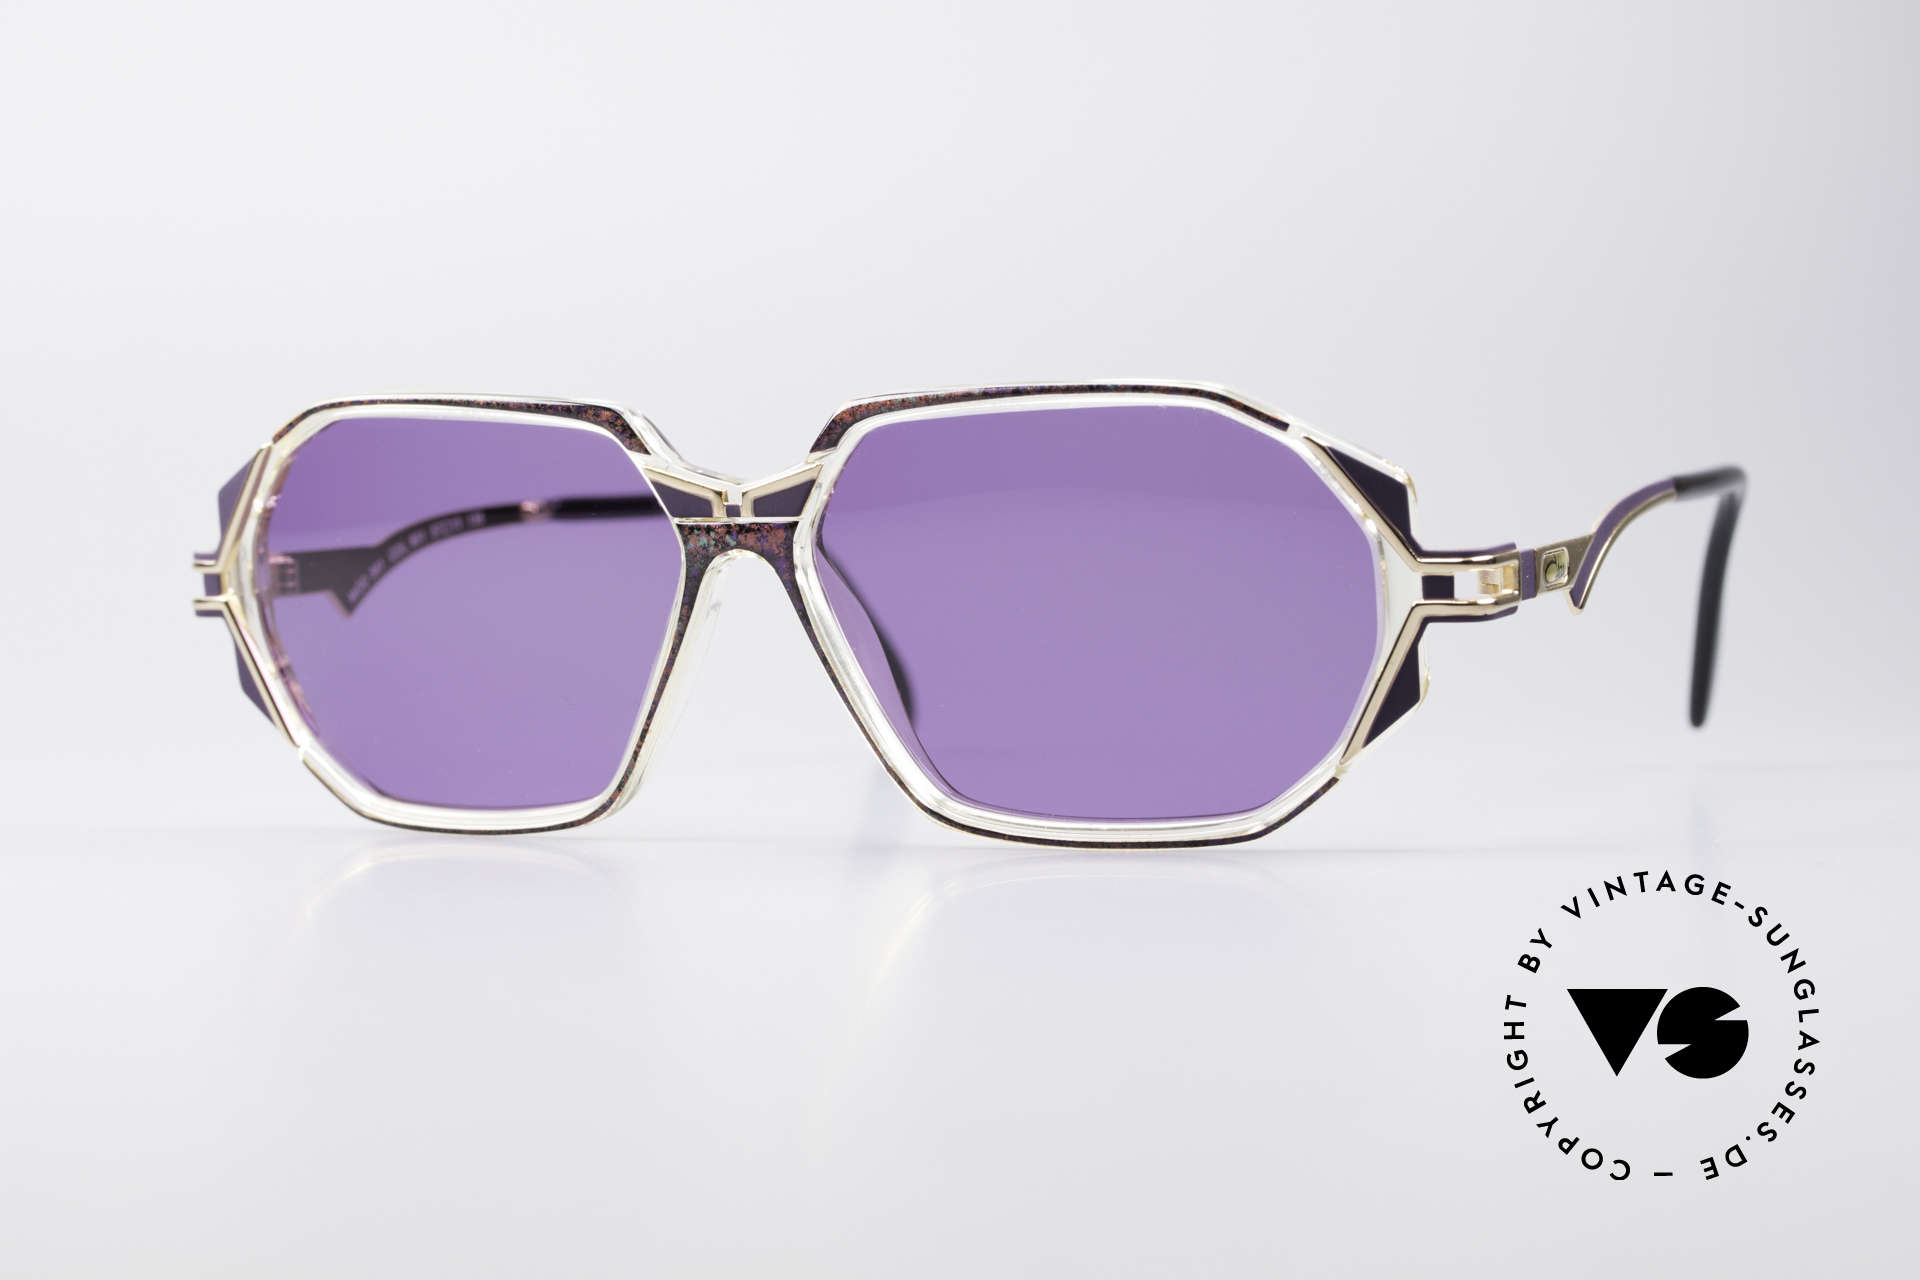 Cazal 361 Original 90er Sonnenbrille, schmuckvolles Cazal Design der frühen 90er Jahre, Passend für Damen